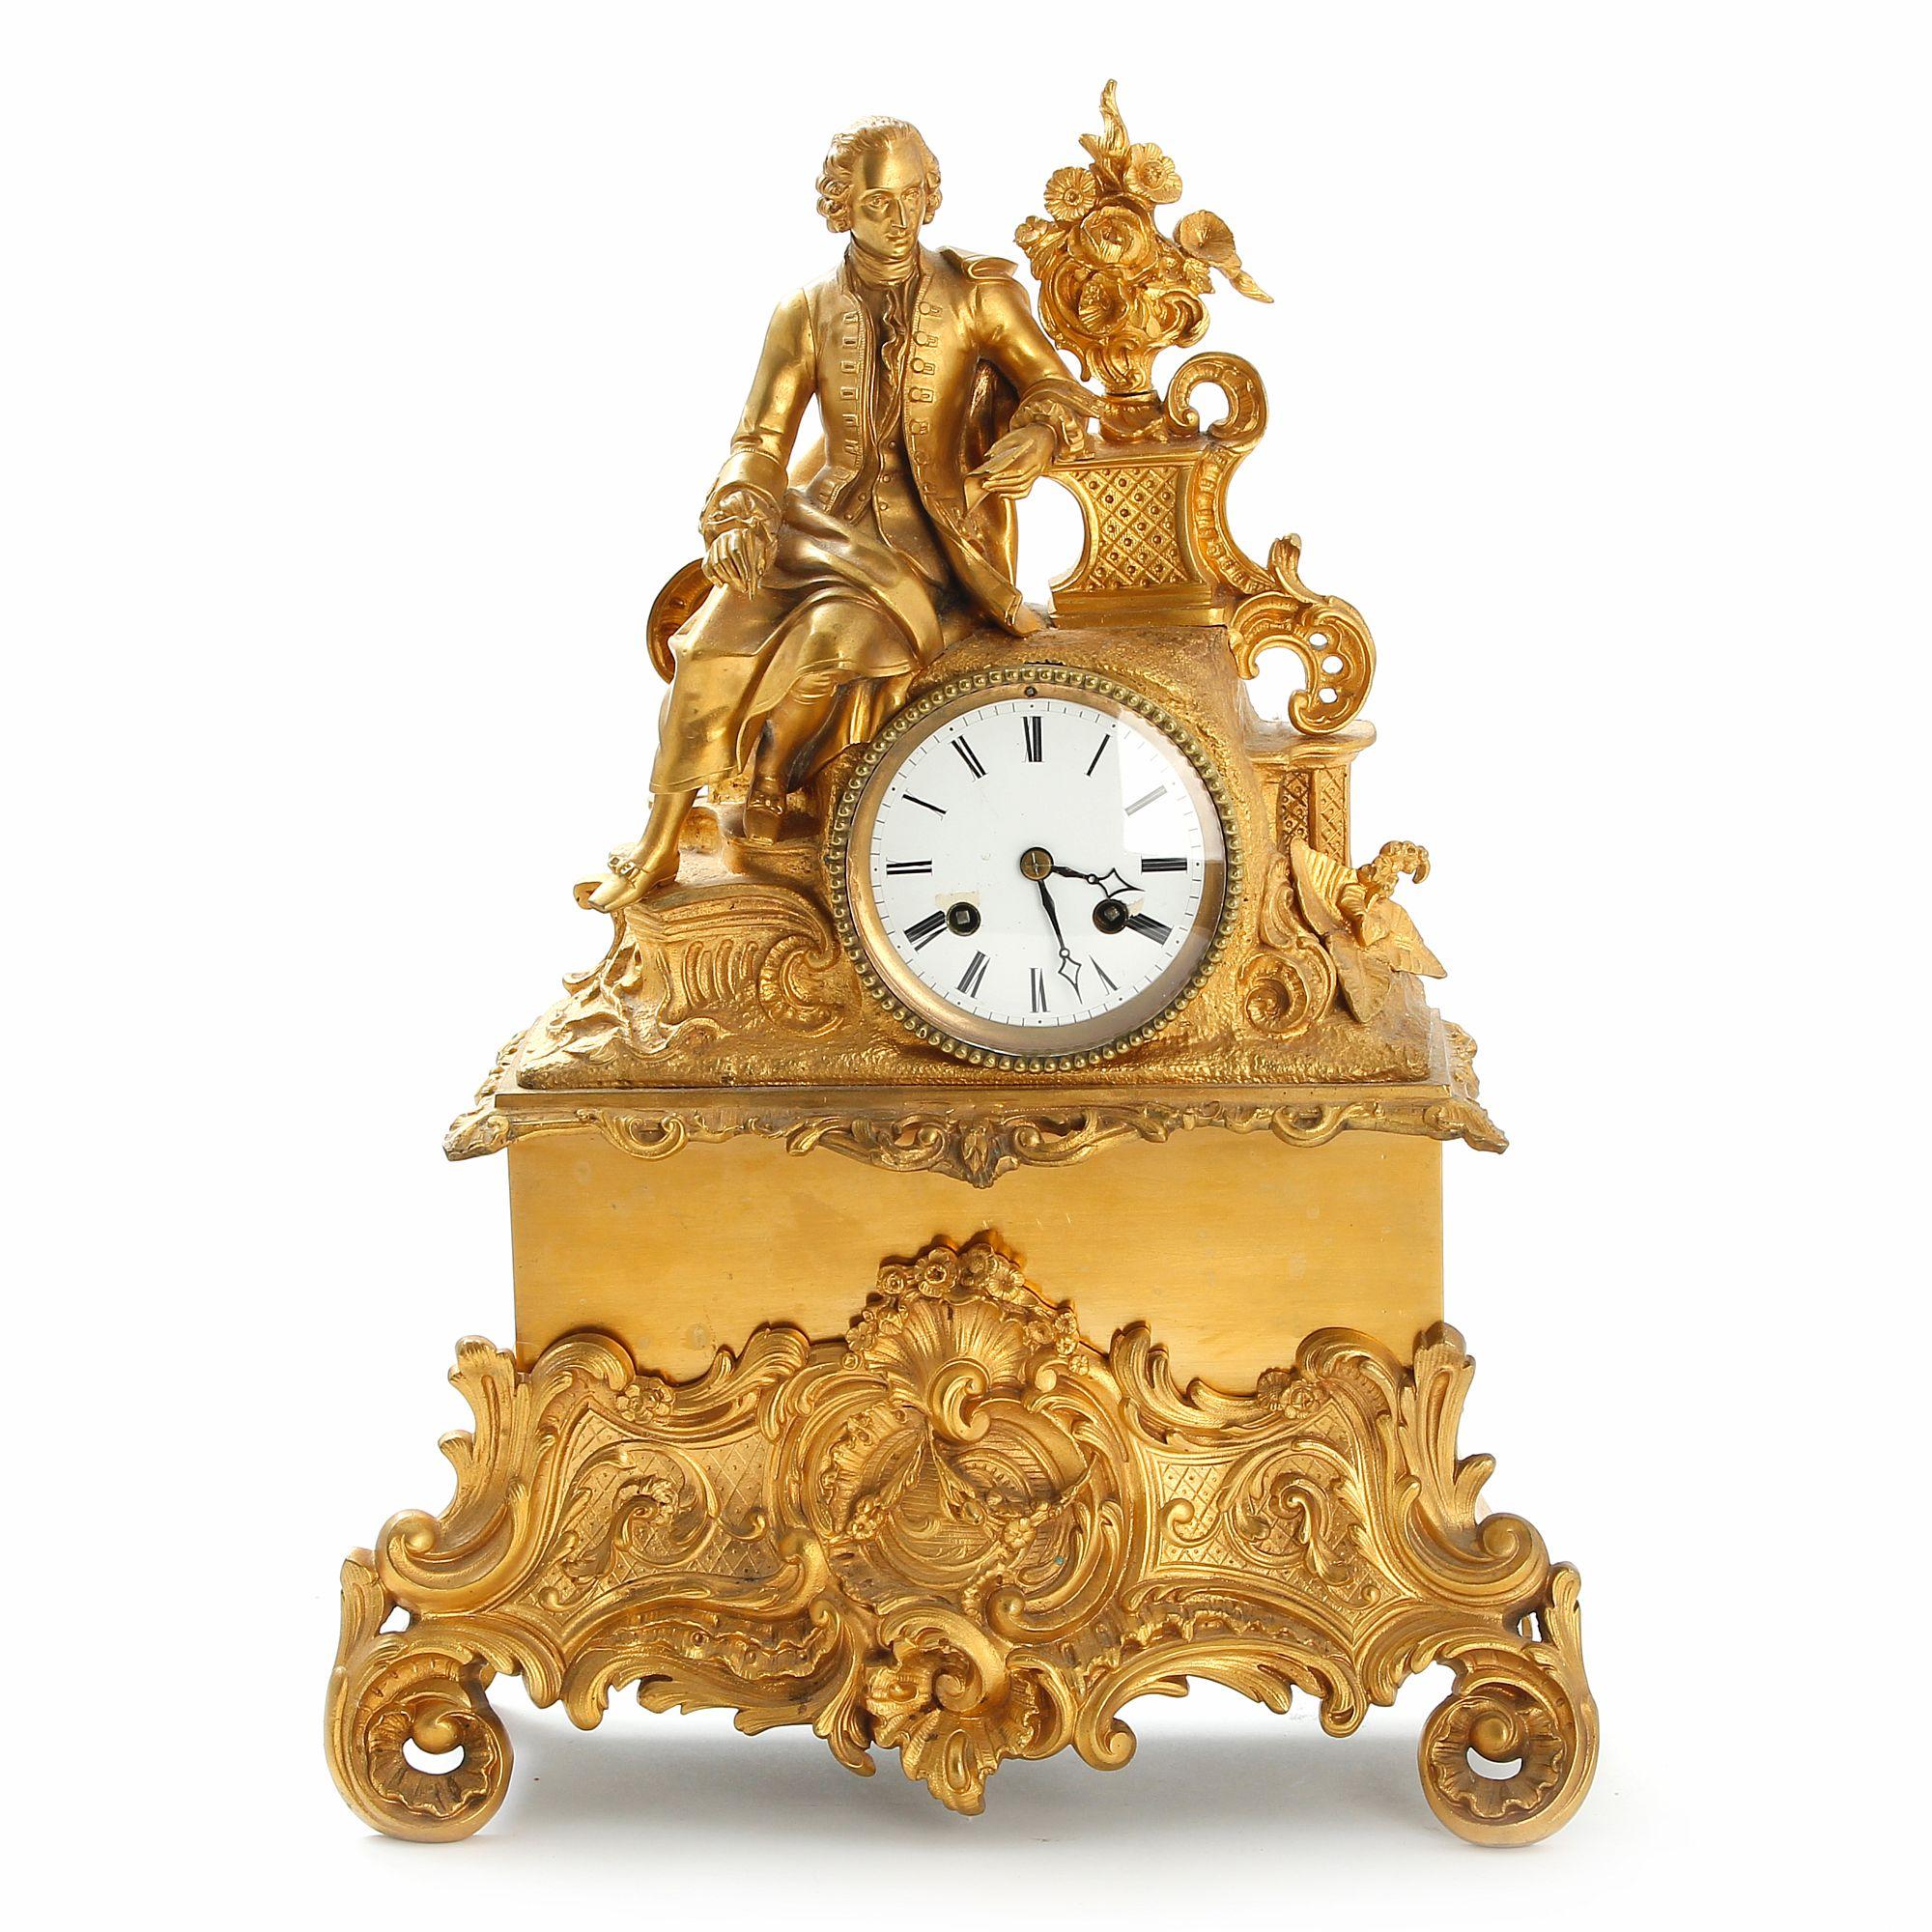 Каминные часы из бронзы франция 19 век